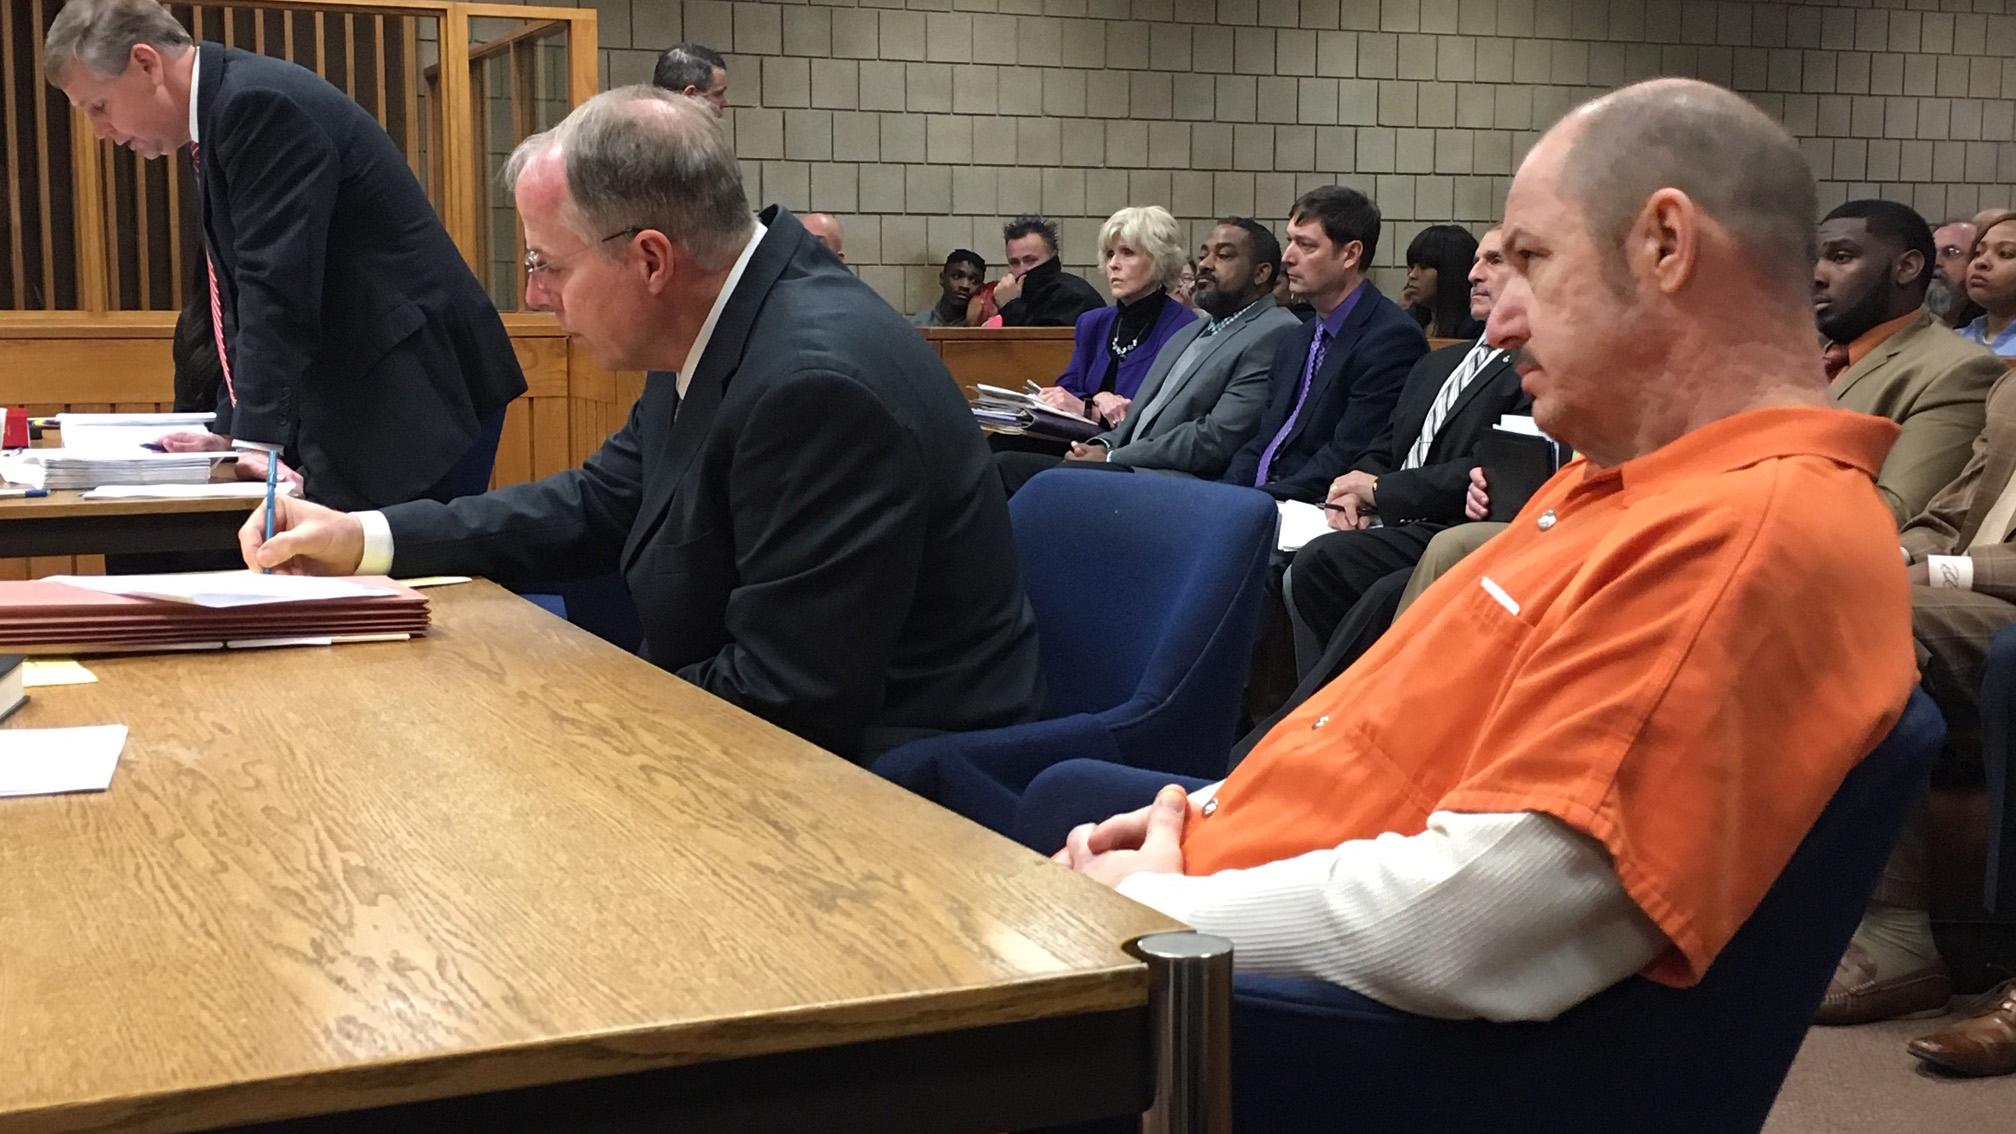 Bowden in court_1550596600032.jpg.jpg